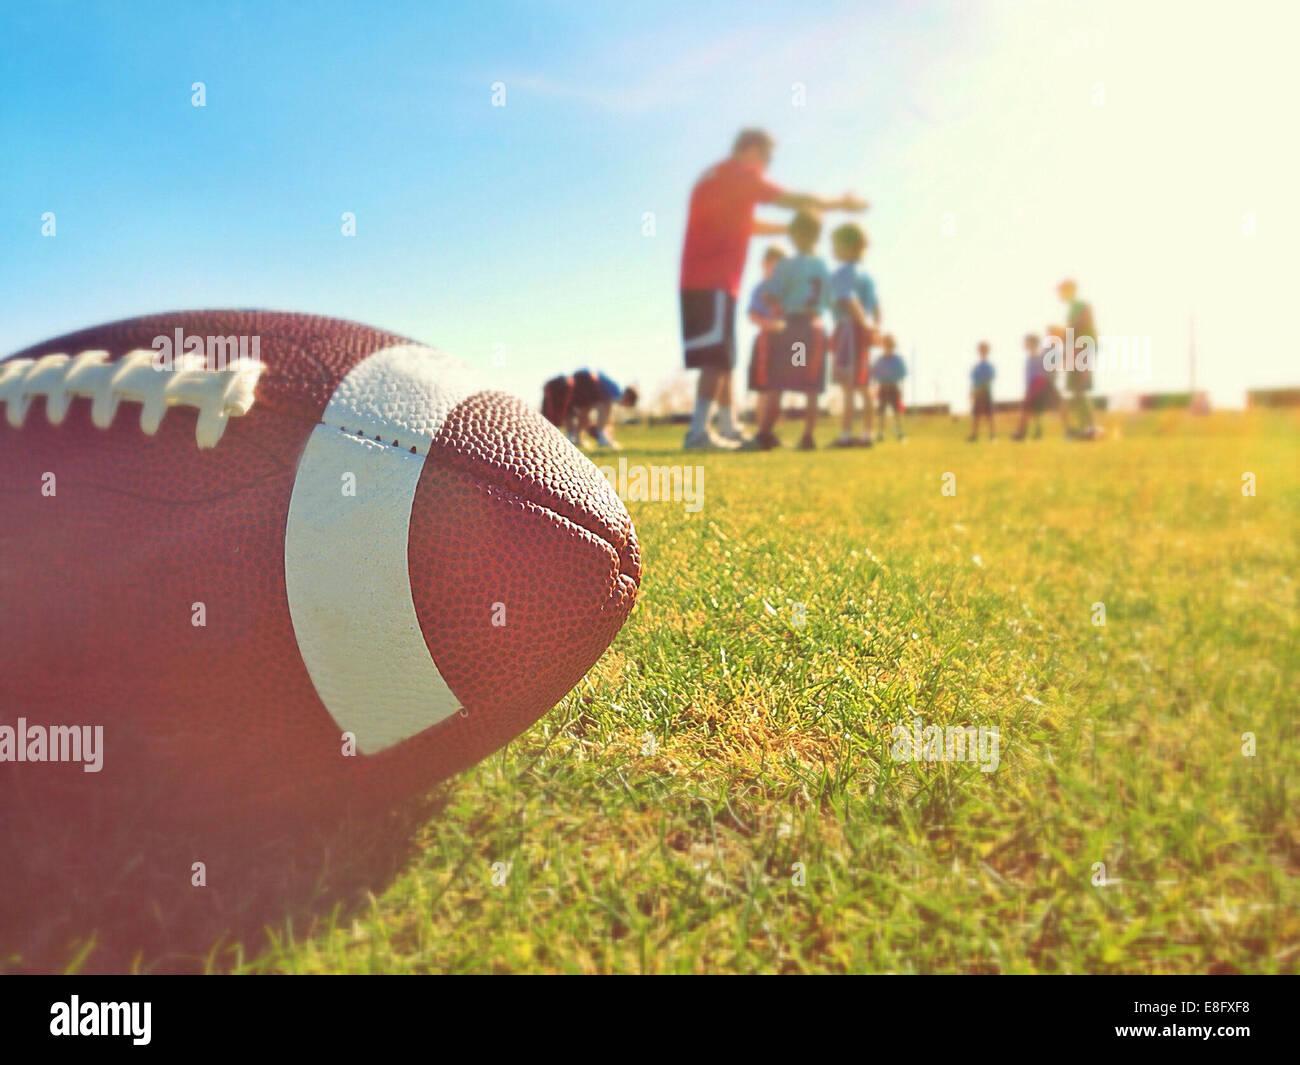 Cerca de la bola sobre el césped durante la práctica Imagen De Stock